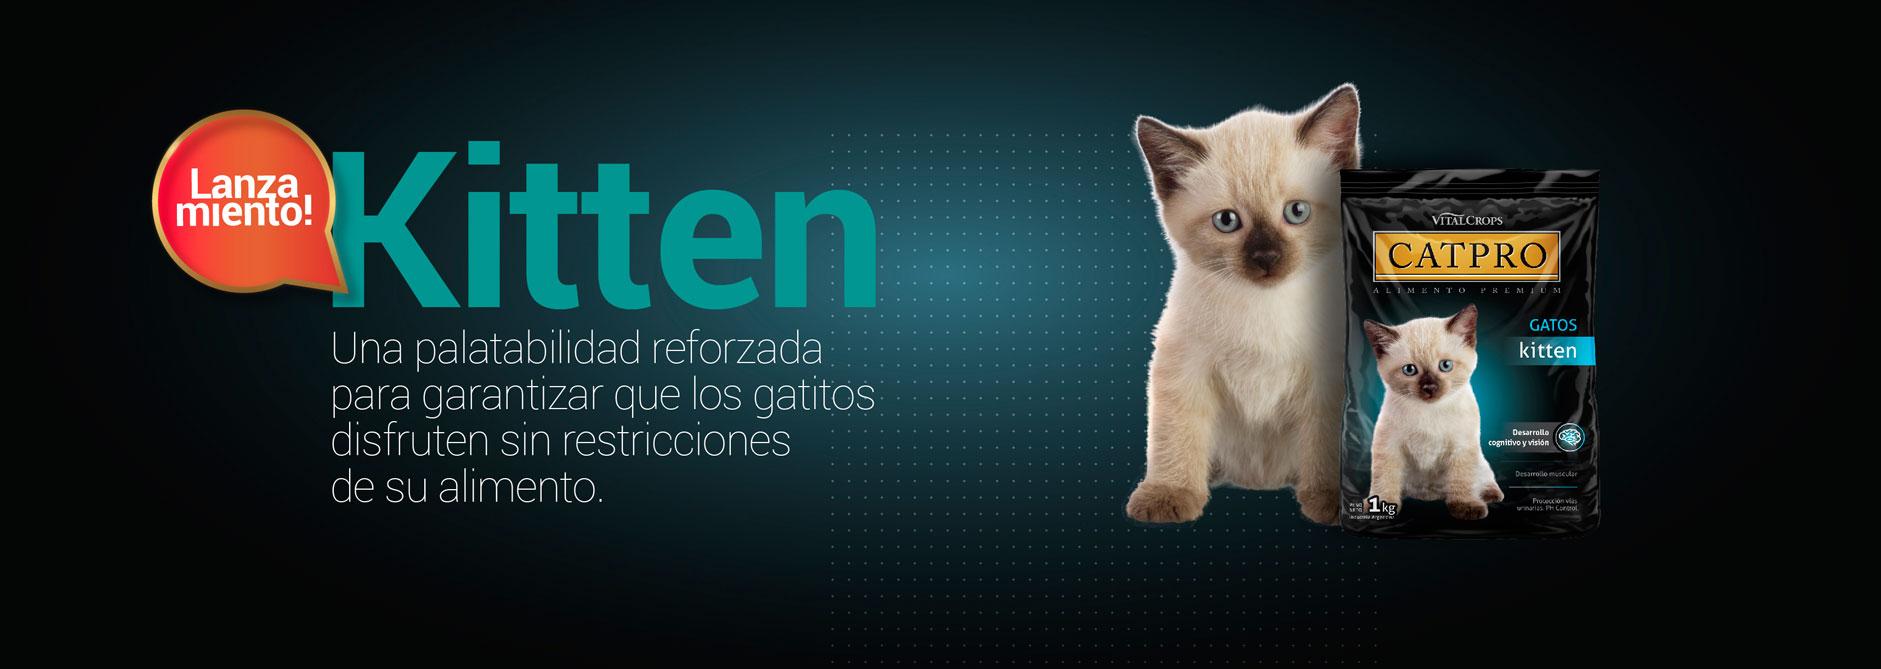 Catpro Kitten